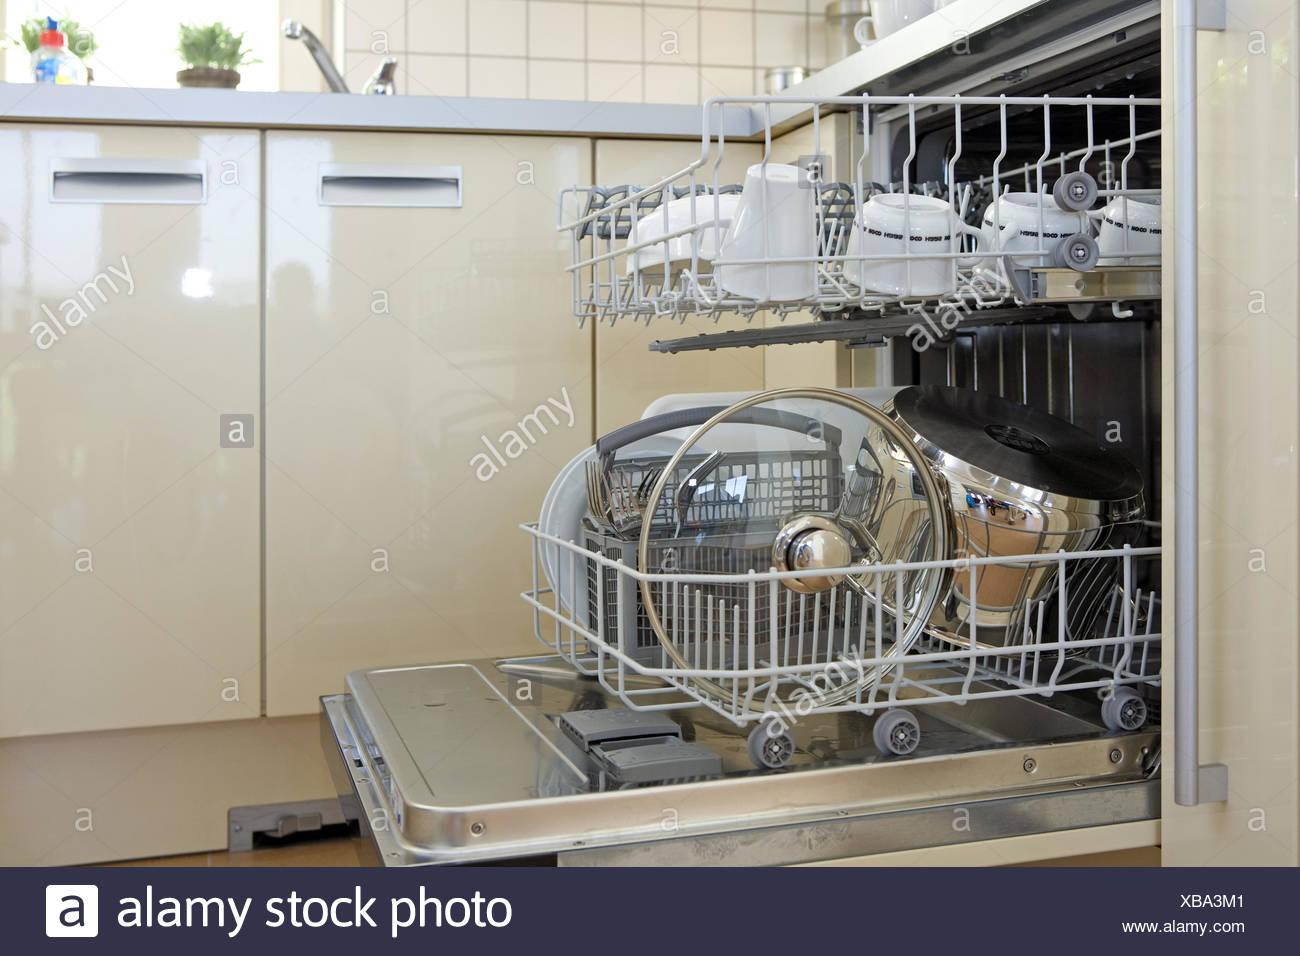 Hausarbeit, Innen, Kueche, Kuechen, Menschenleer, Niemand, Offen, Ordnung, Reinigen, Reinigung, Zu Hause, Zuhause, Abwaschen, Ge Stockbild